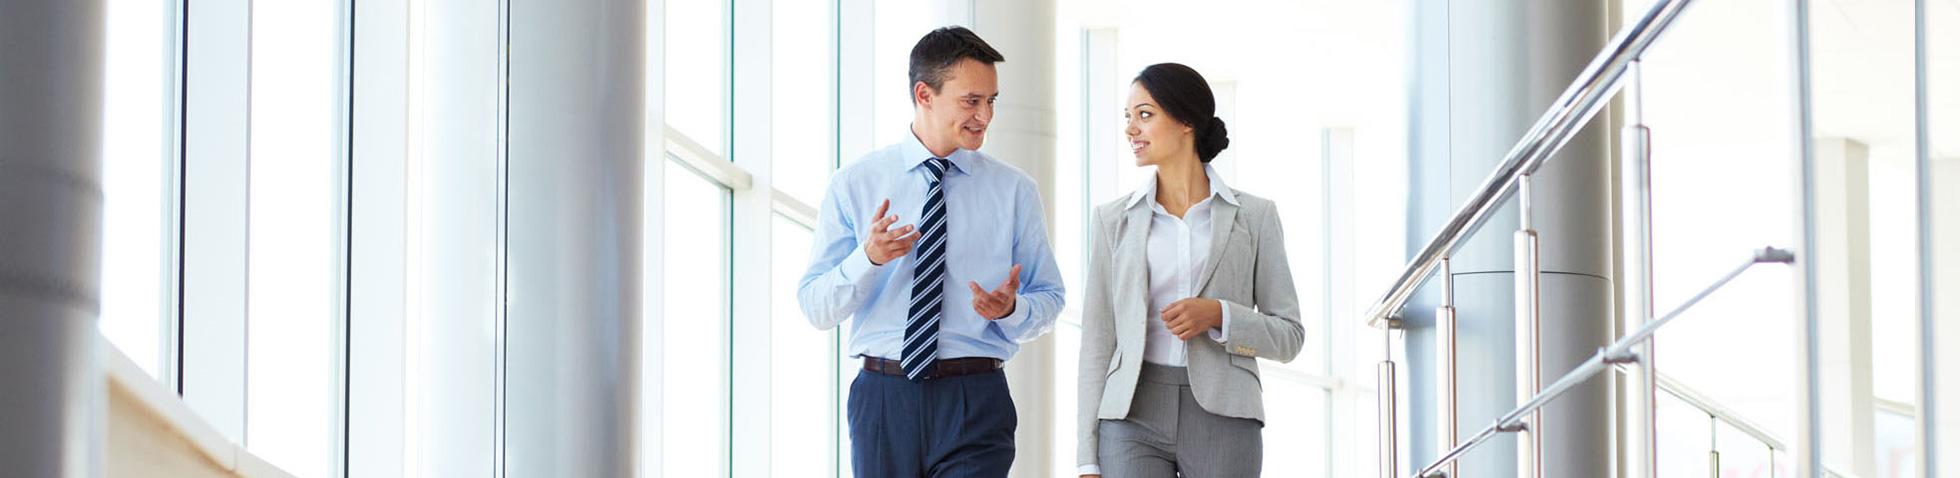 Die gelingende Kommunikation mit meiner Führungskraft